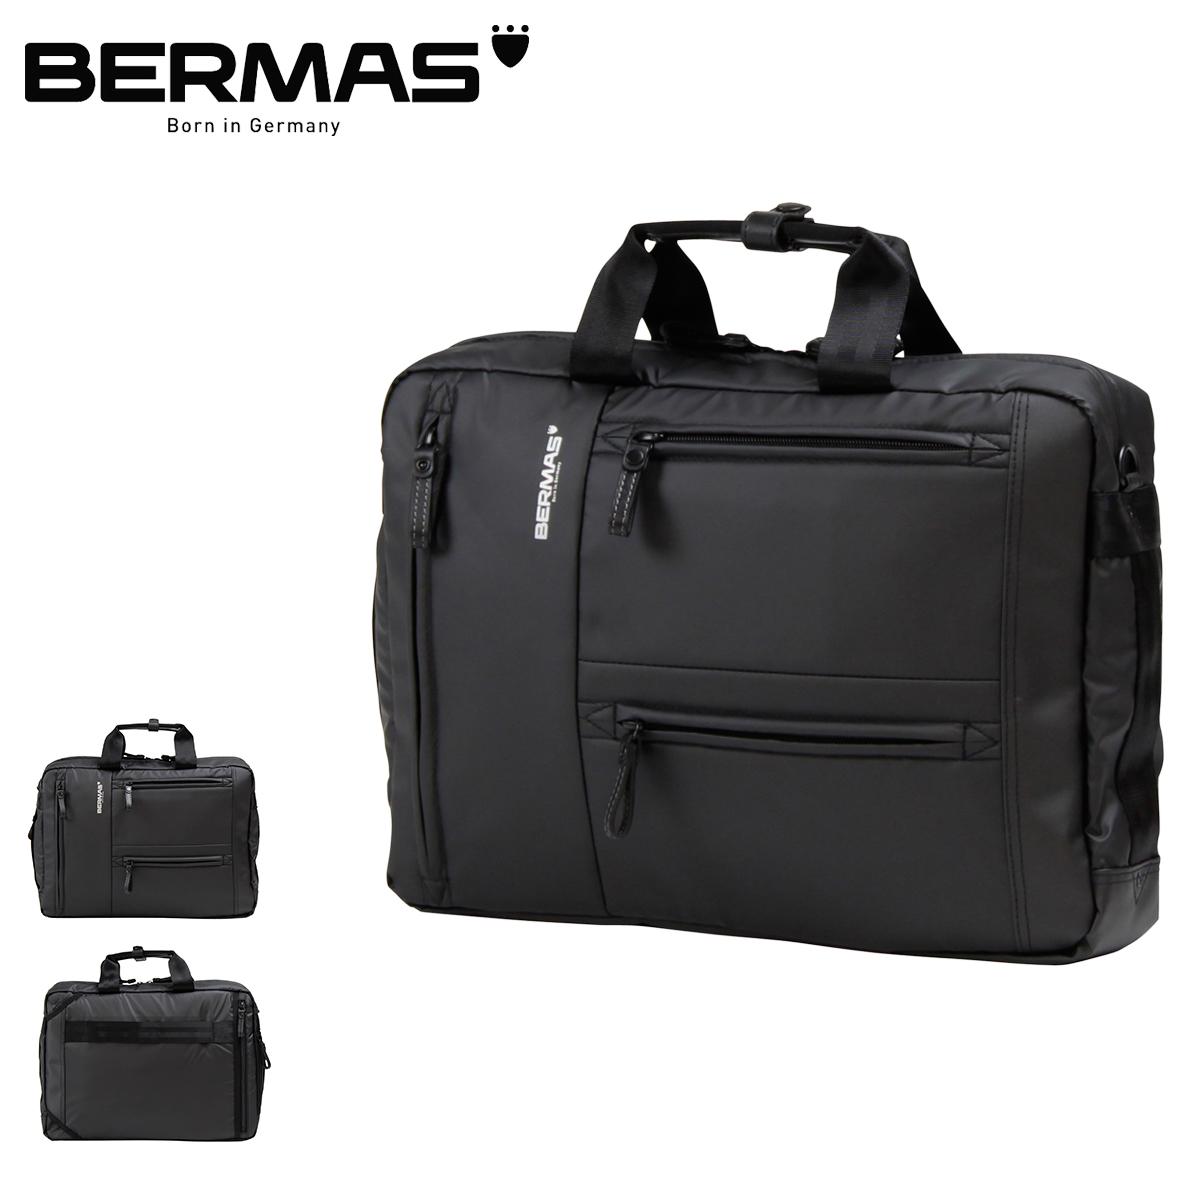 バーマス ビジネスバッグ 3WAY リュック バックパック A4 アルスフェルト メンズ 60350 BERMAS | ブリーフケース ショルダーバッグ キャリーオン 撥水 [PO10][bef]